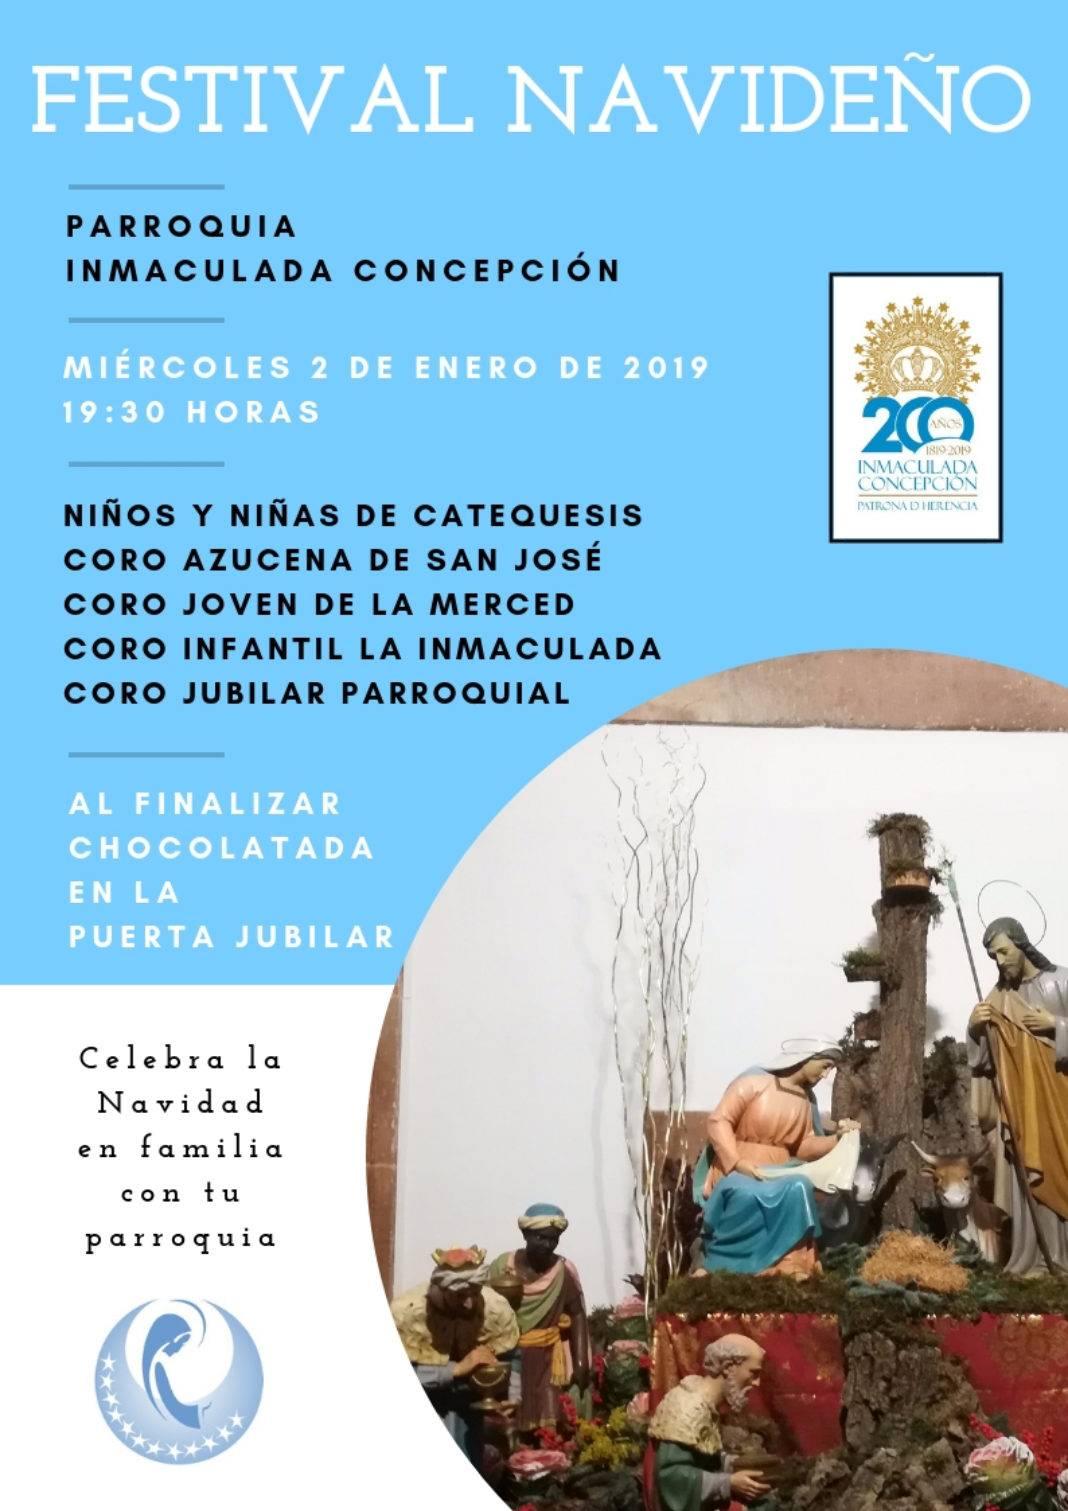 Festival navideño de villancicos en la parroquia de Herencia 4